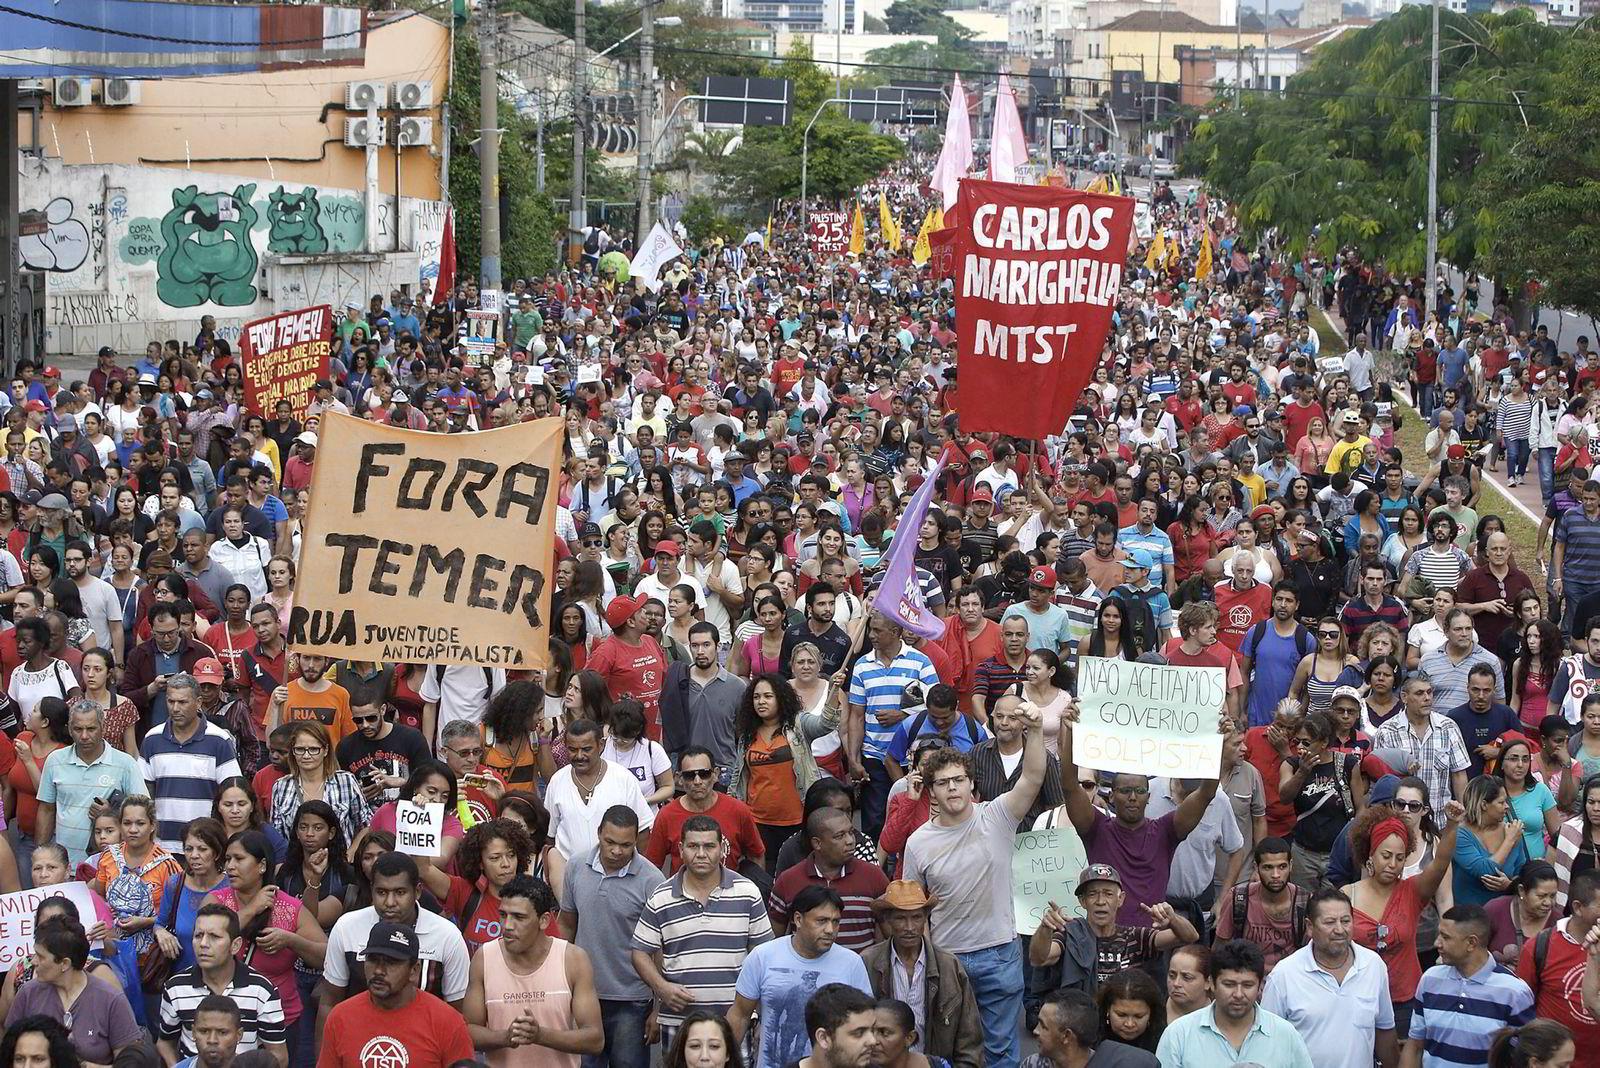 Skilt og bannere med teksten «Temer ut!» under demonstrasjoner mot Michel Temer, bare uker etter at han ble utnevtn til Brasils president. Foto: AP Photo/Andre Penner/NTB Scanpix